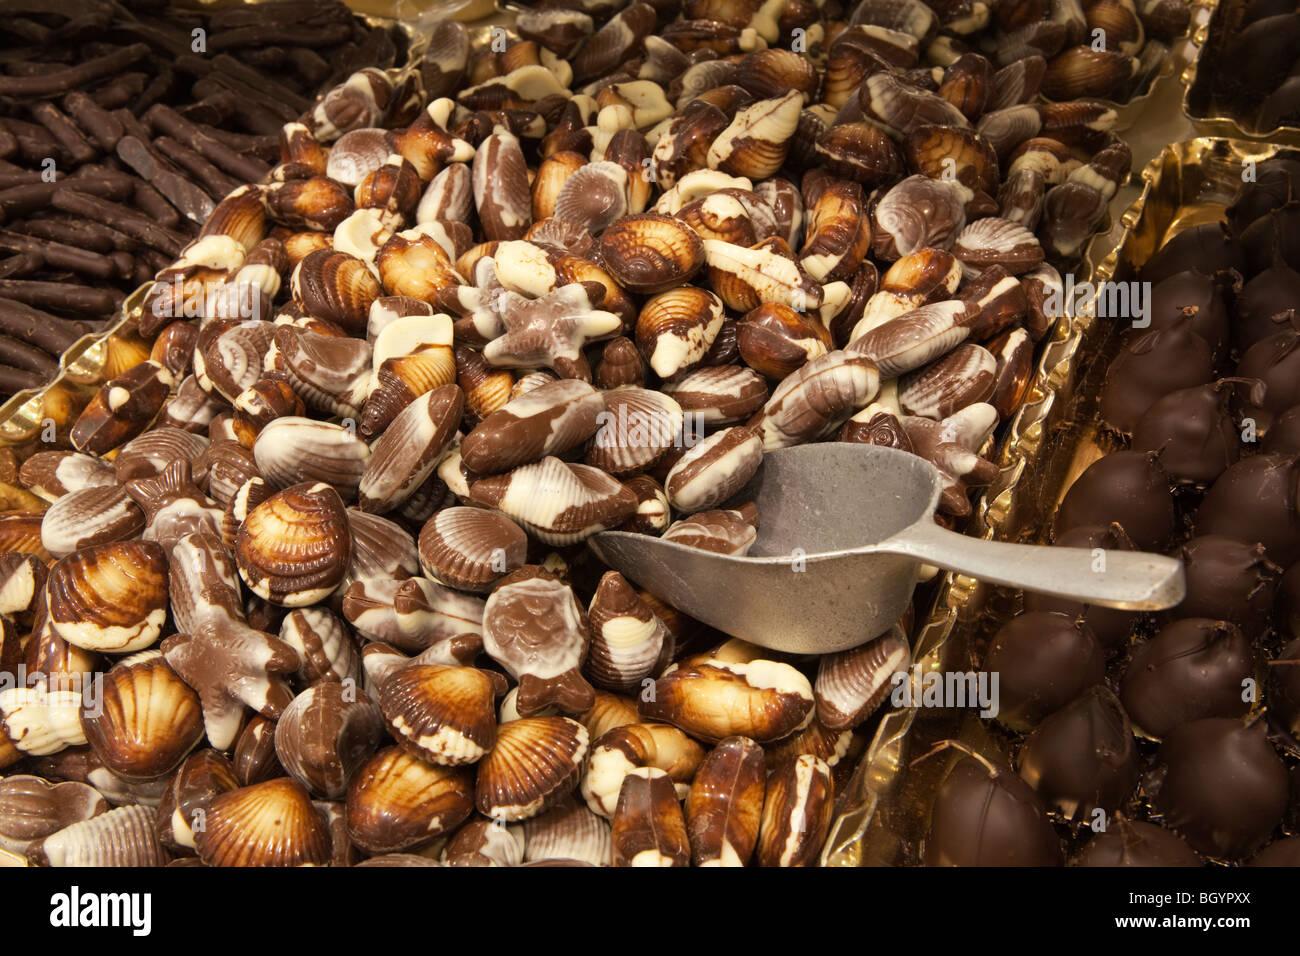 Visualizzazione della conchiglia belga cioccolatini con servizio scoop Foto Stock